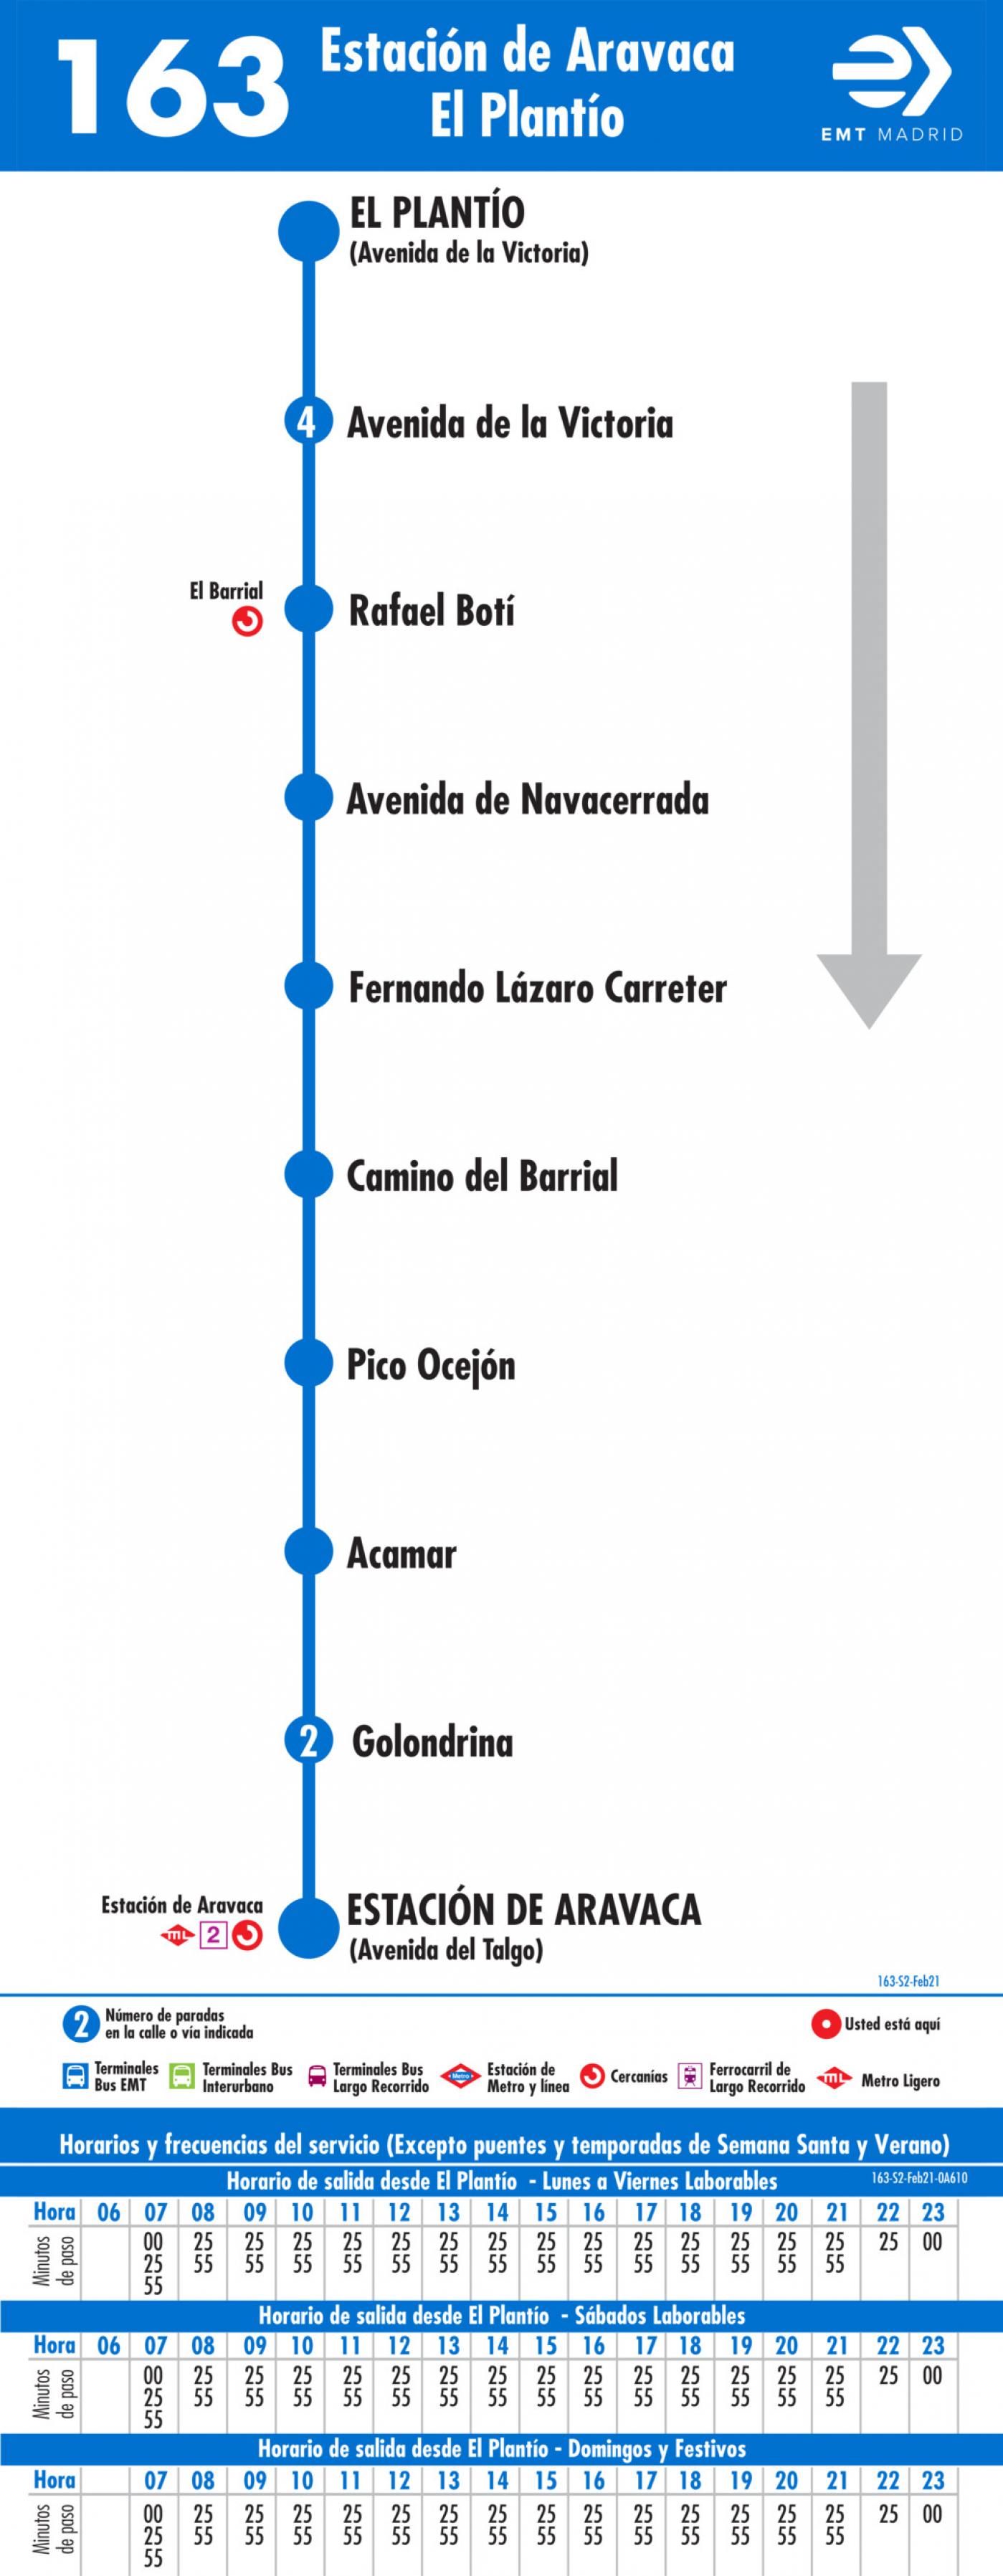 Tabla de horarios y frecuencias de paso en sentido vuelta Línea 163: Estación de Aravaca - El Plantío